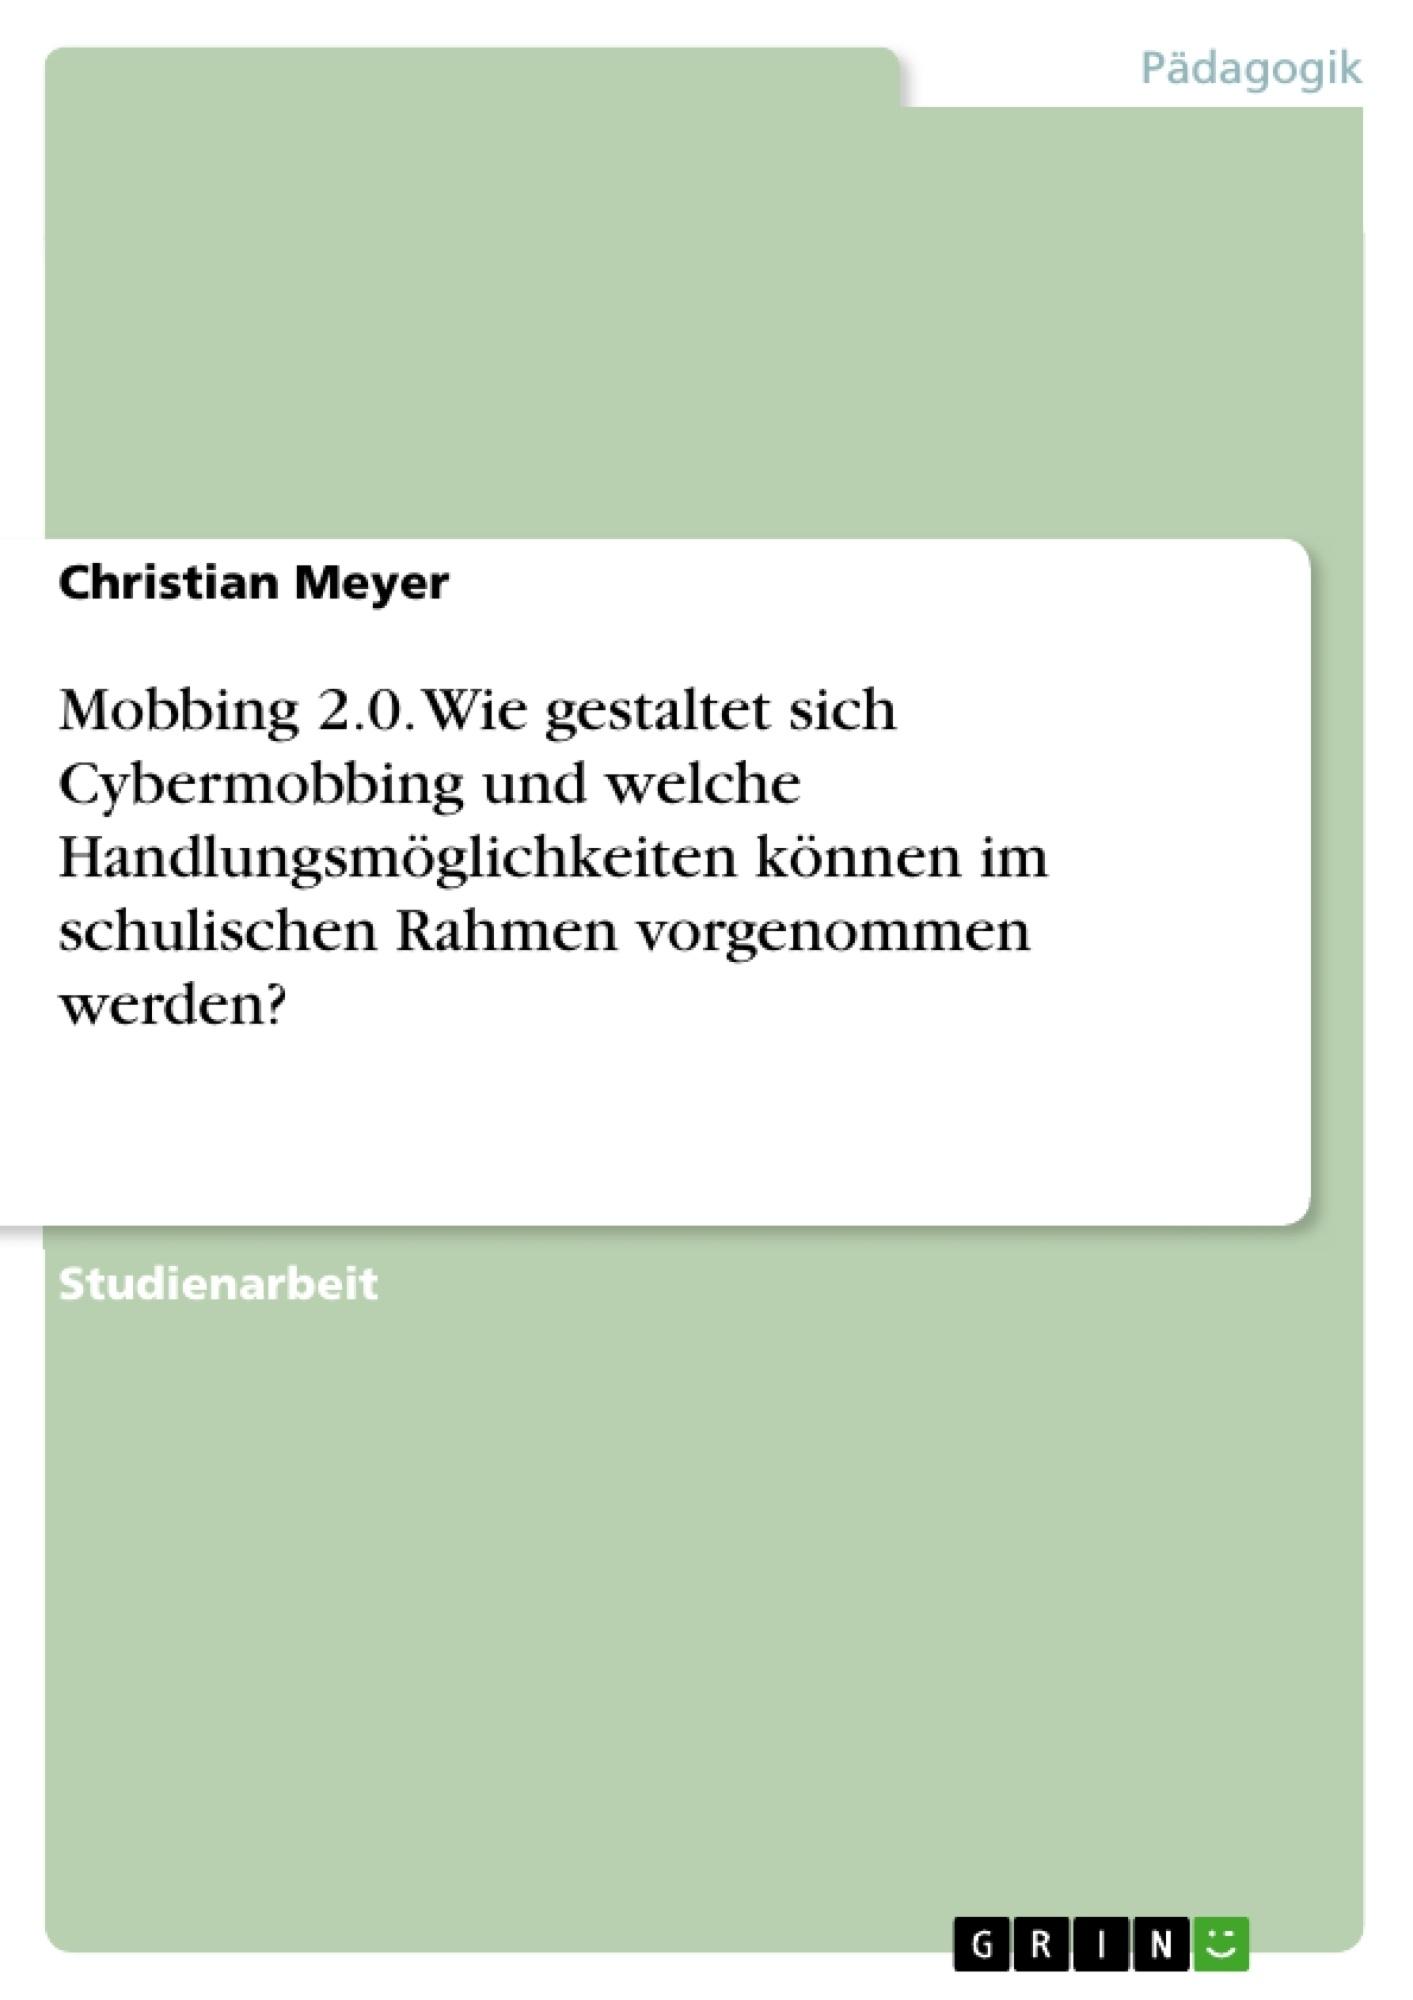 Titel: Mobbing 2.0. Wie gestaltet sich Cybermobbing und welche Handlungsmöglichkeiten können im schulischen Rahmen vorgenommen werden?